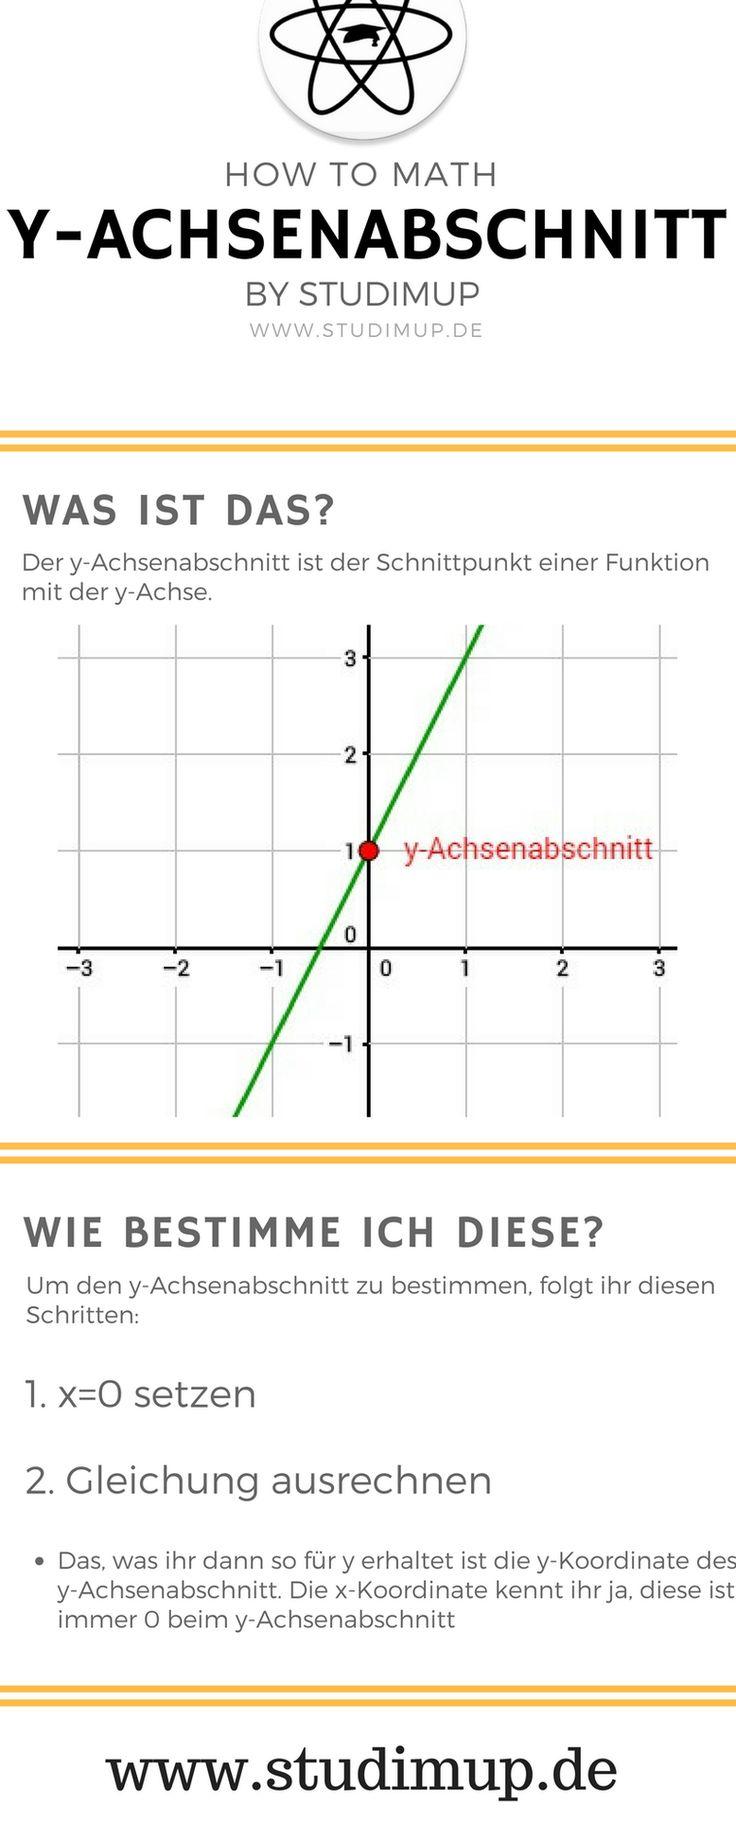 Der y-Achsenabschnitt ist ein wichtiger Teil der Kurvendiskussion in der Analysis und in der Mathematik, natürlich auch im Abitur. Deshalb hier Beispiele und einfache Erklärungen auf Studimup!